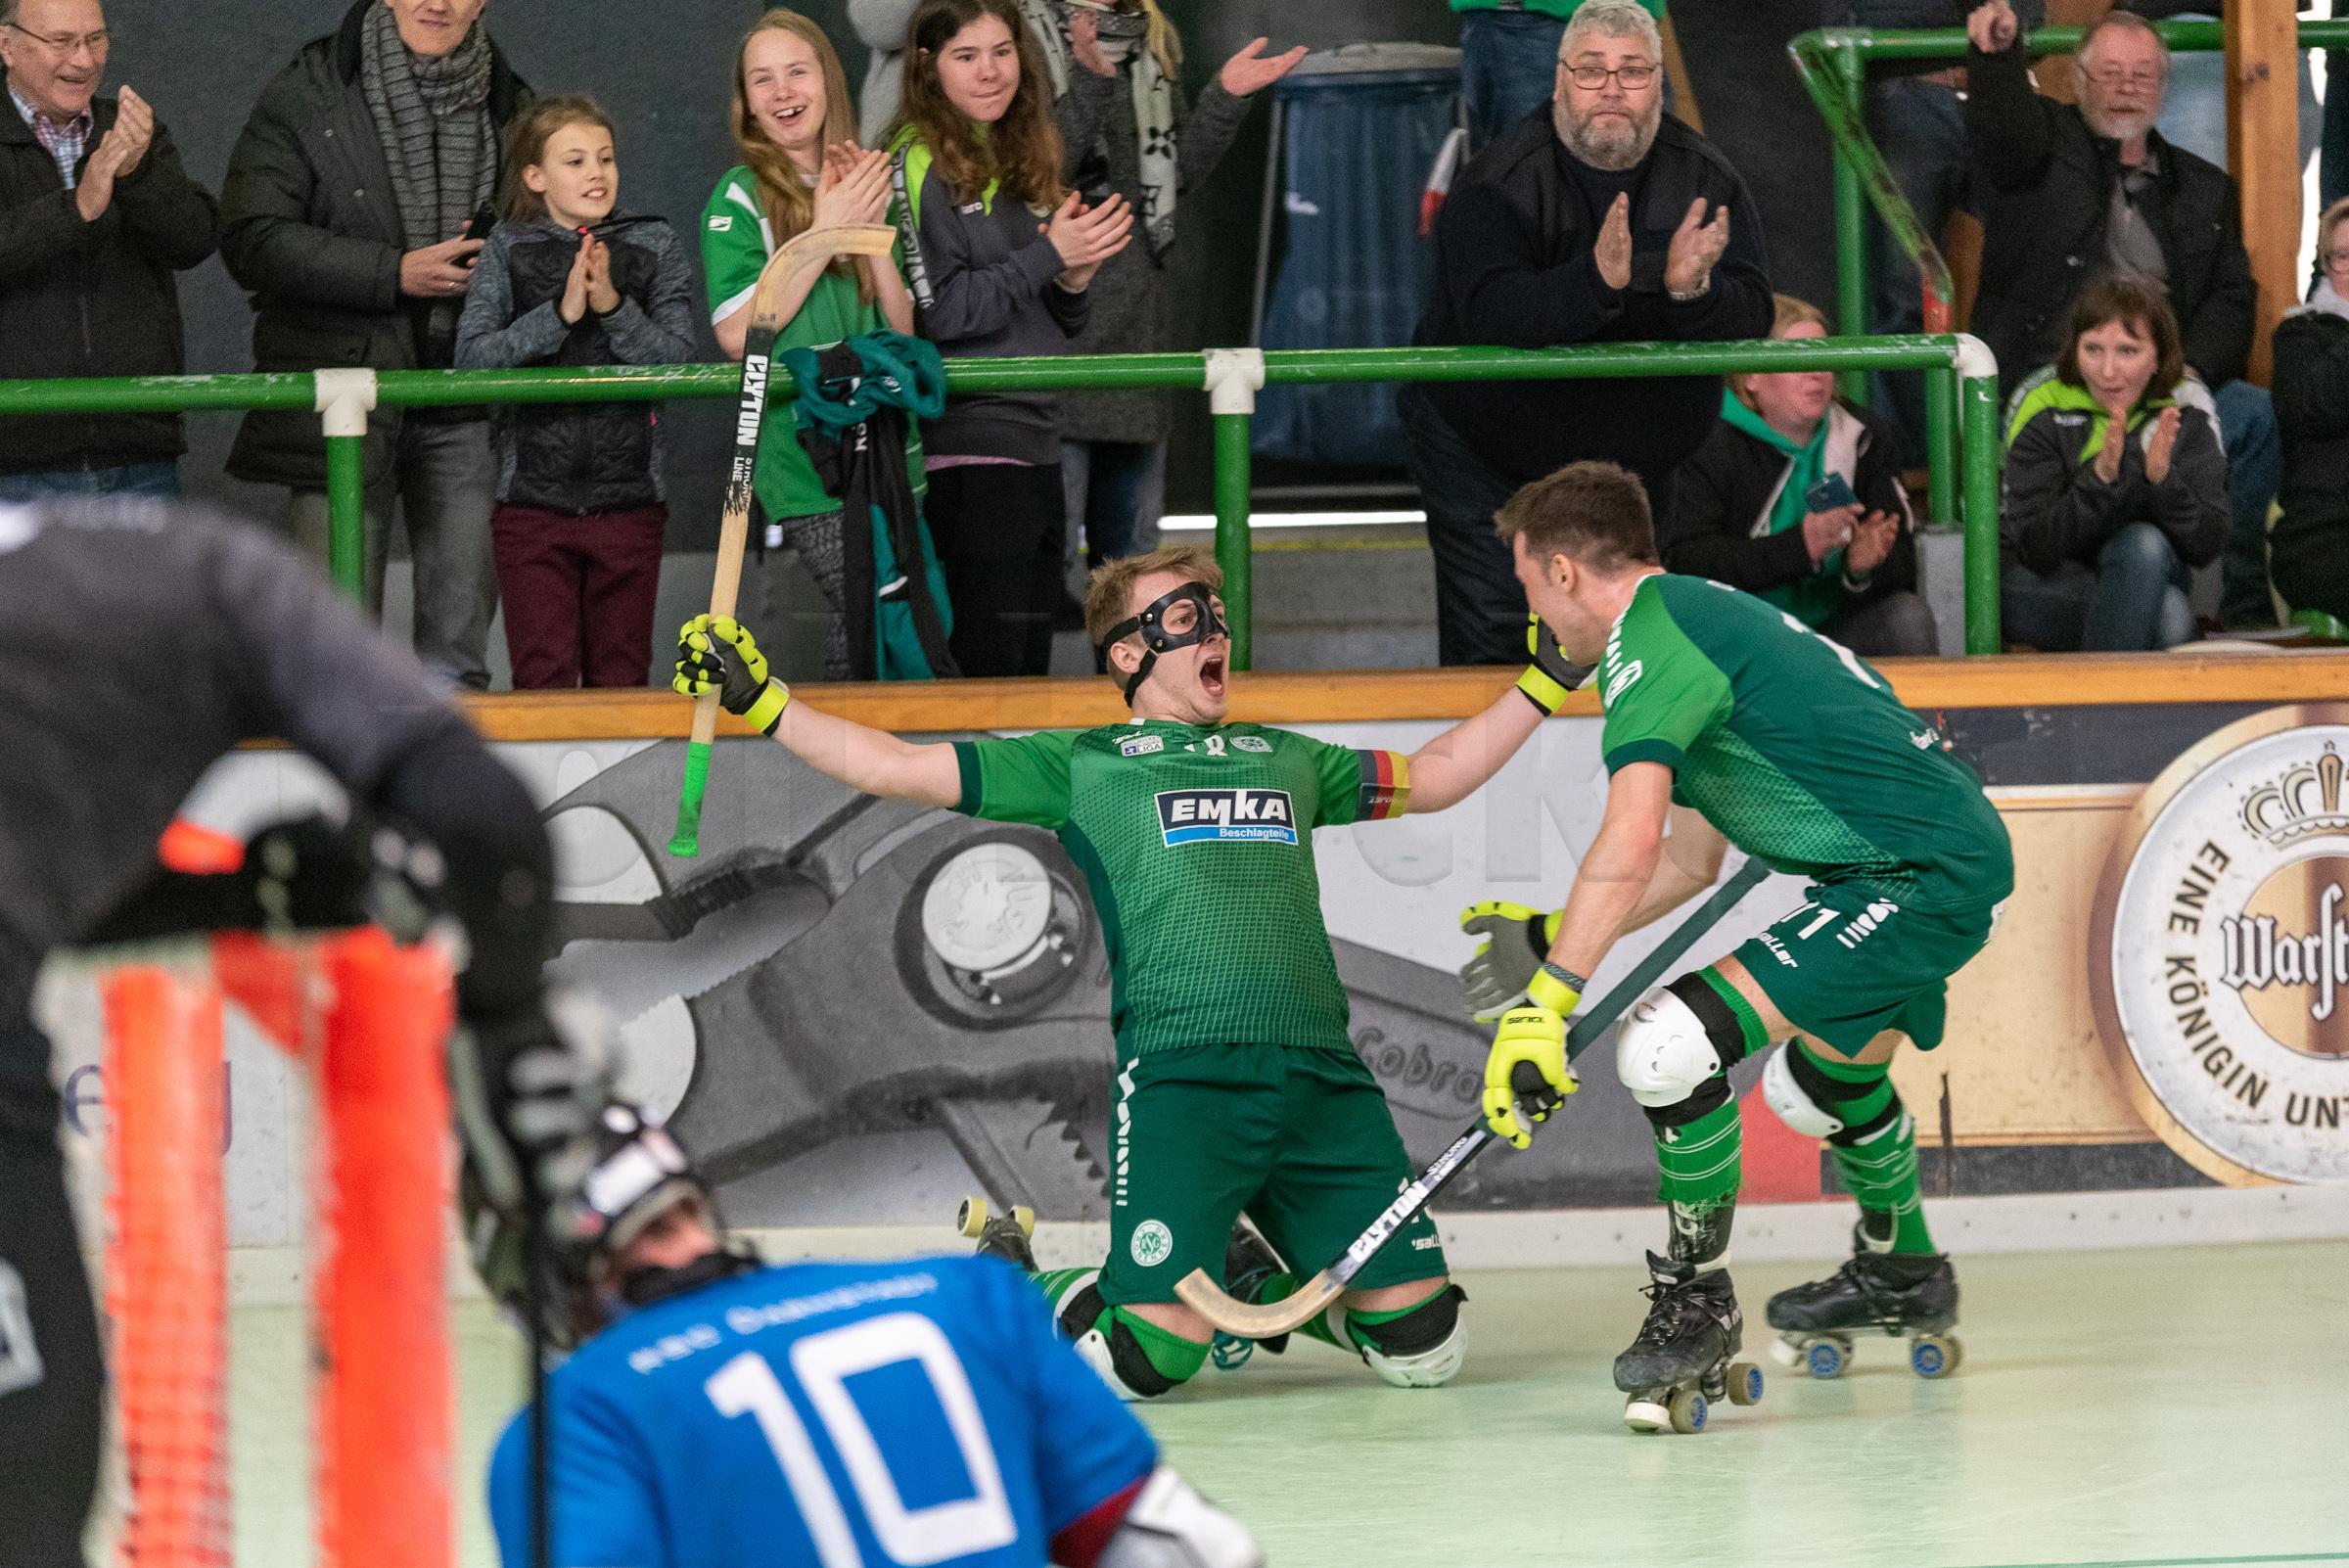 RSC Cronenberg Rollhockey Bundesliga Herren Play-Off-Viertelfinale 13.04.2019